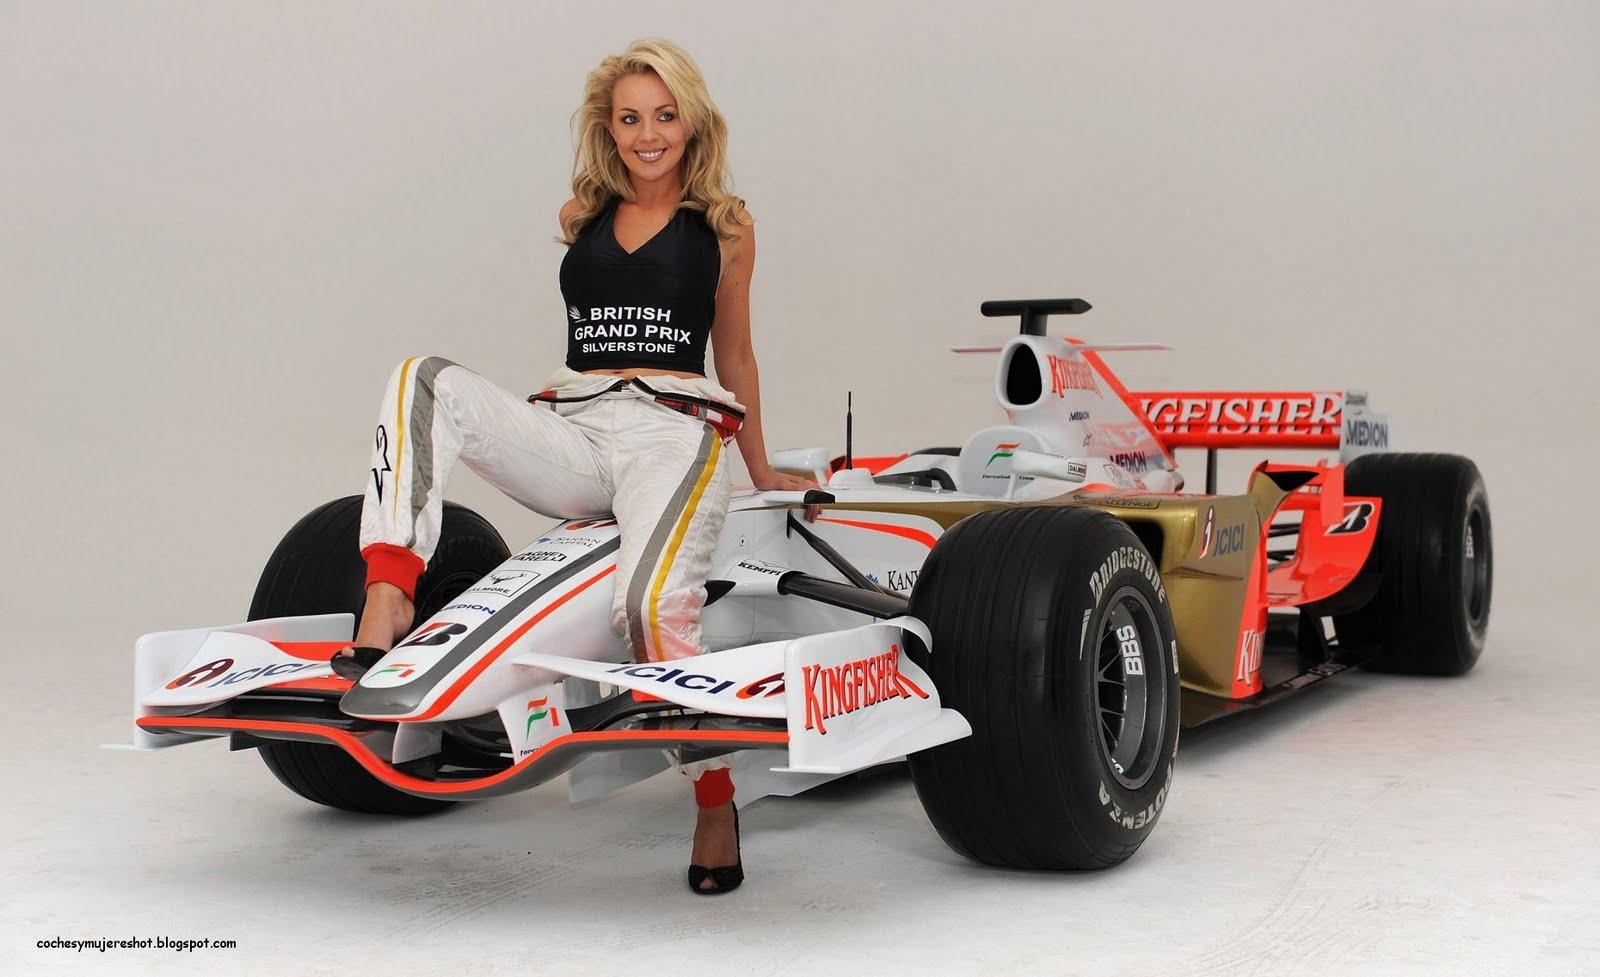 http://2.bp.blogspot.com/-rRbAQGu-gGI/TkkhW4XT3jI/AAAAAAAAAGk/_Tlk-XYrpqw/s1600/f1_pitbabe_wallpaper_super-coche-mujer.jpg